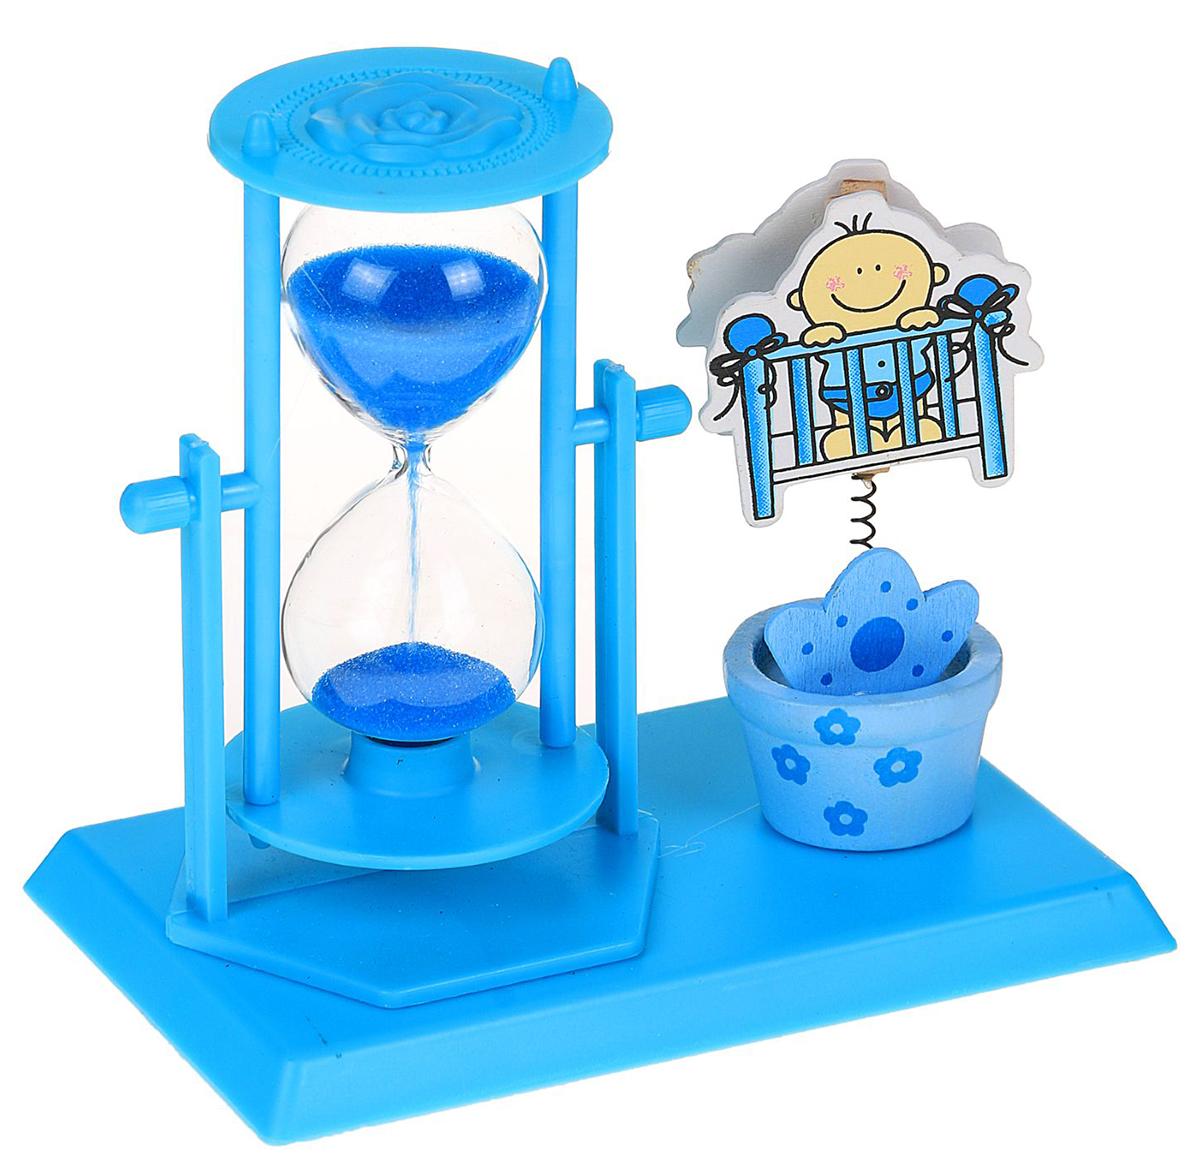 Песочные часы Цветы. Малыш, с держателем для фото, цвет: голубой, 14 х 13 х 9 см2355532Каждому хозяину периодически приходит мысль обновить свою квартиру, сделать ремонт, перестановку или кардинально поменять внешний вид каждой комнаты. — привлекательная деталь, которая поможет воплотить вашу интерьерную идею, создать неповторимую атмосферу в вашем доме. Окружите себя приятными мелочами, пусть они радуют глаз и дарят гармонию.Часы песочные, серия Цветы, голубые, с малышом, с держателем для фото, 14*13*9см 2355532